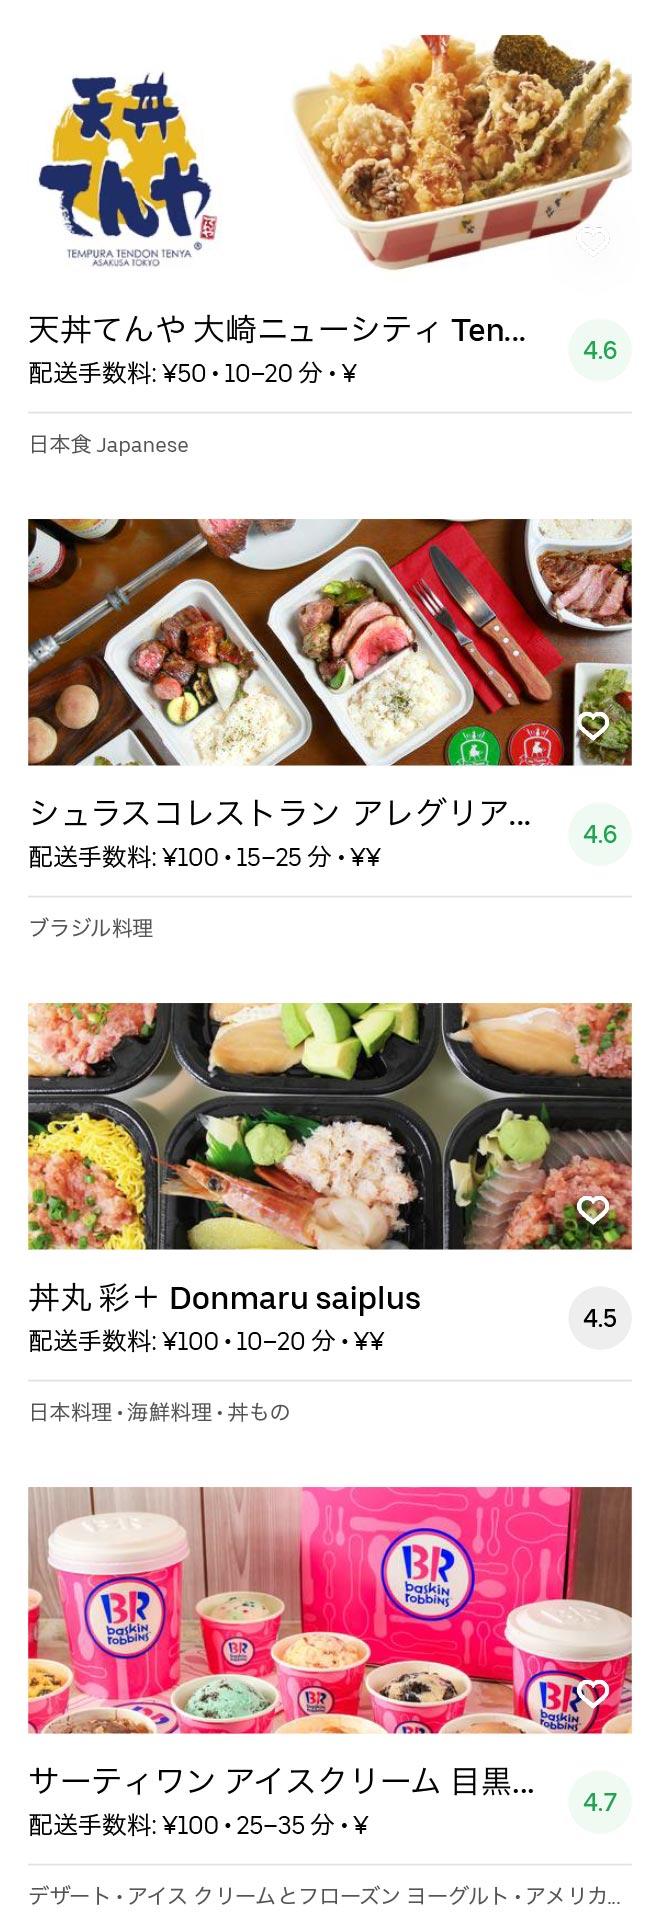 Tokyo osaki menu 2005 08